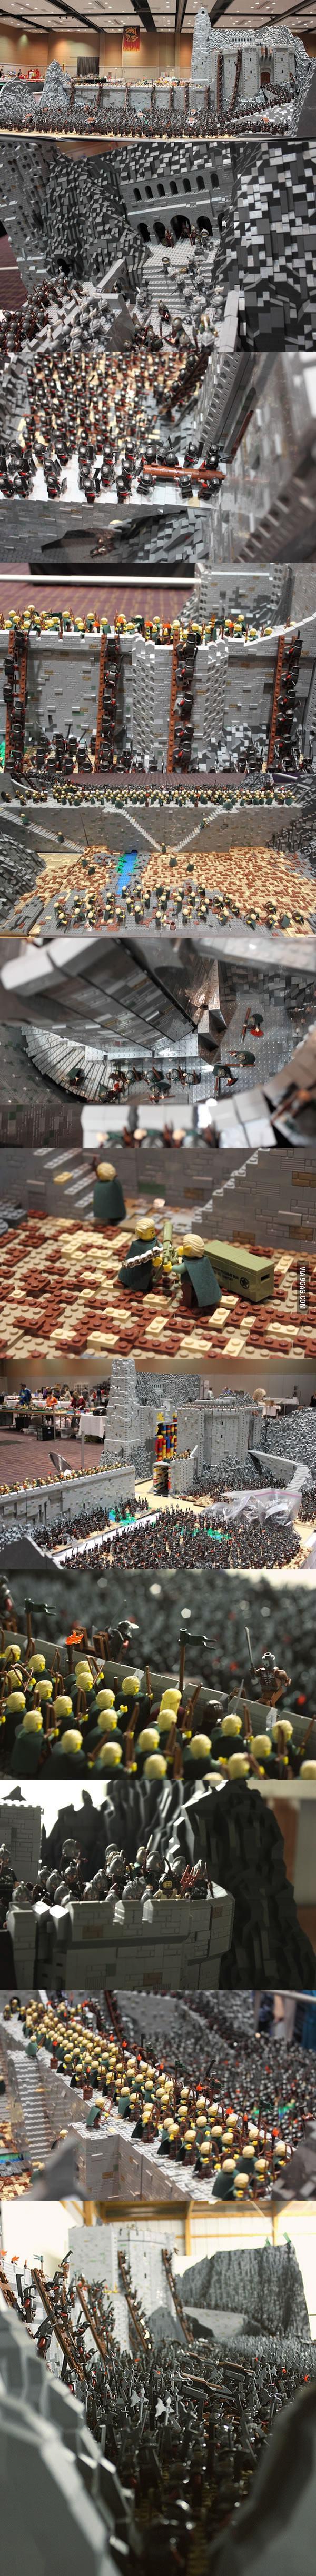 Bitwa o Hełmowy Jar stworzona z ponad 150 tysięcy klocków LEGO!